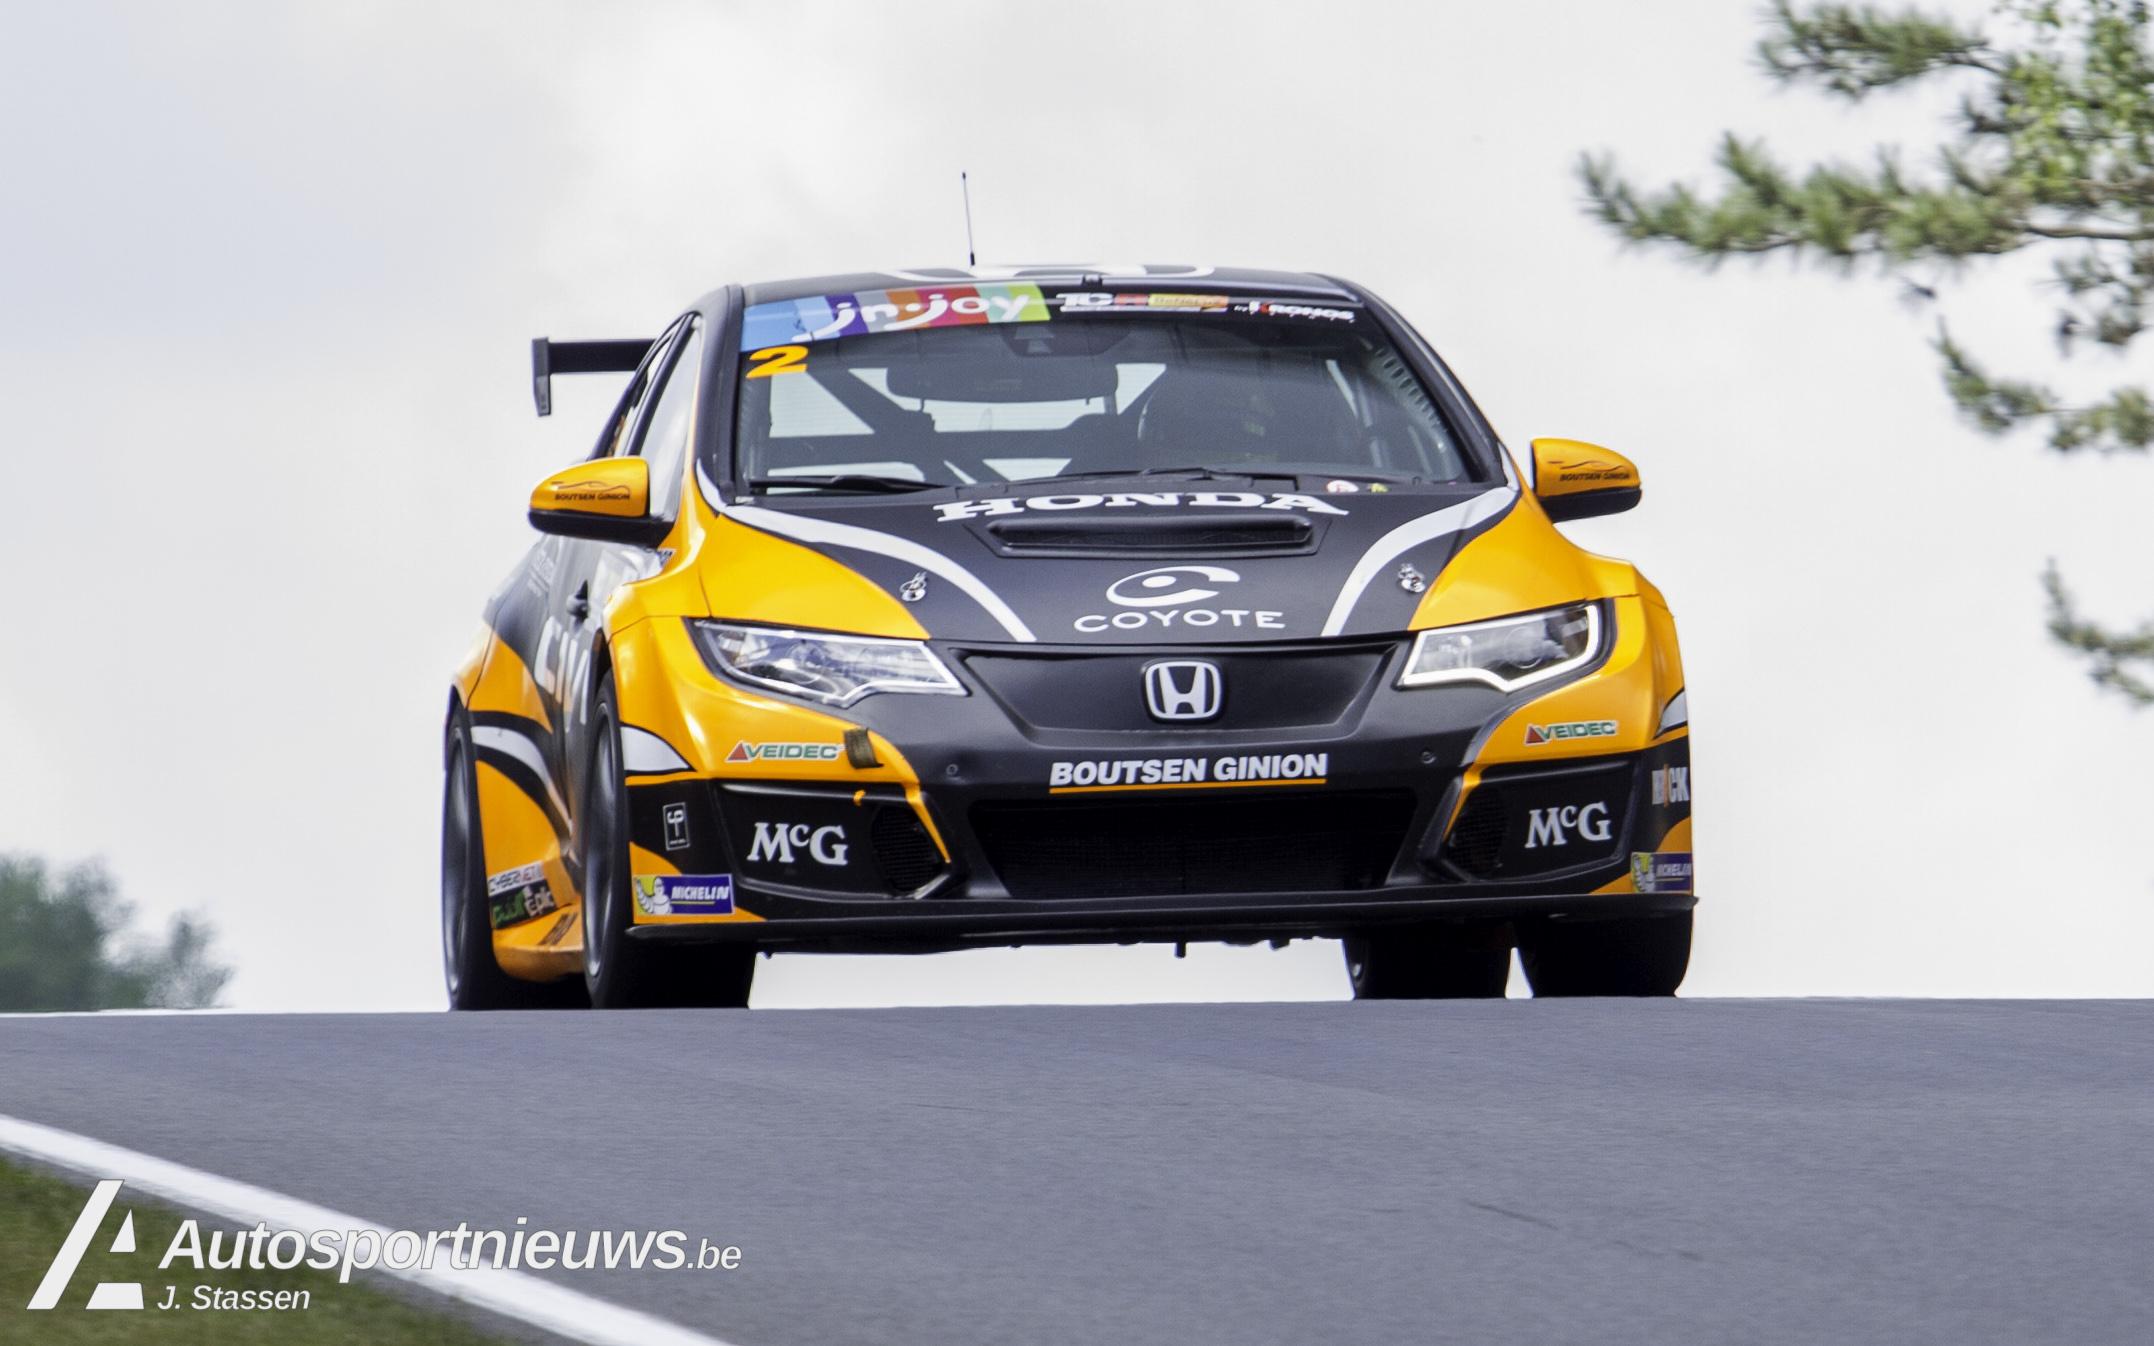 Nieuwe look voor tcr benelux in 2018 autosportnieuws for Benelux cars